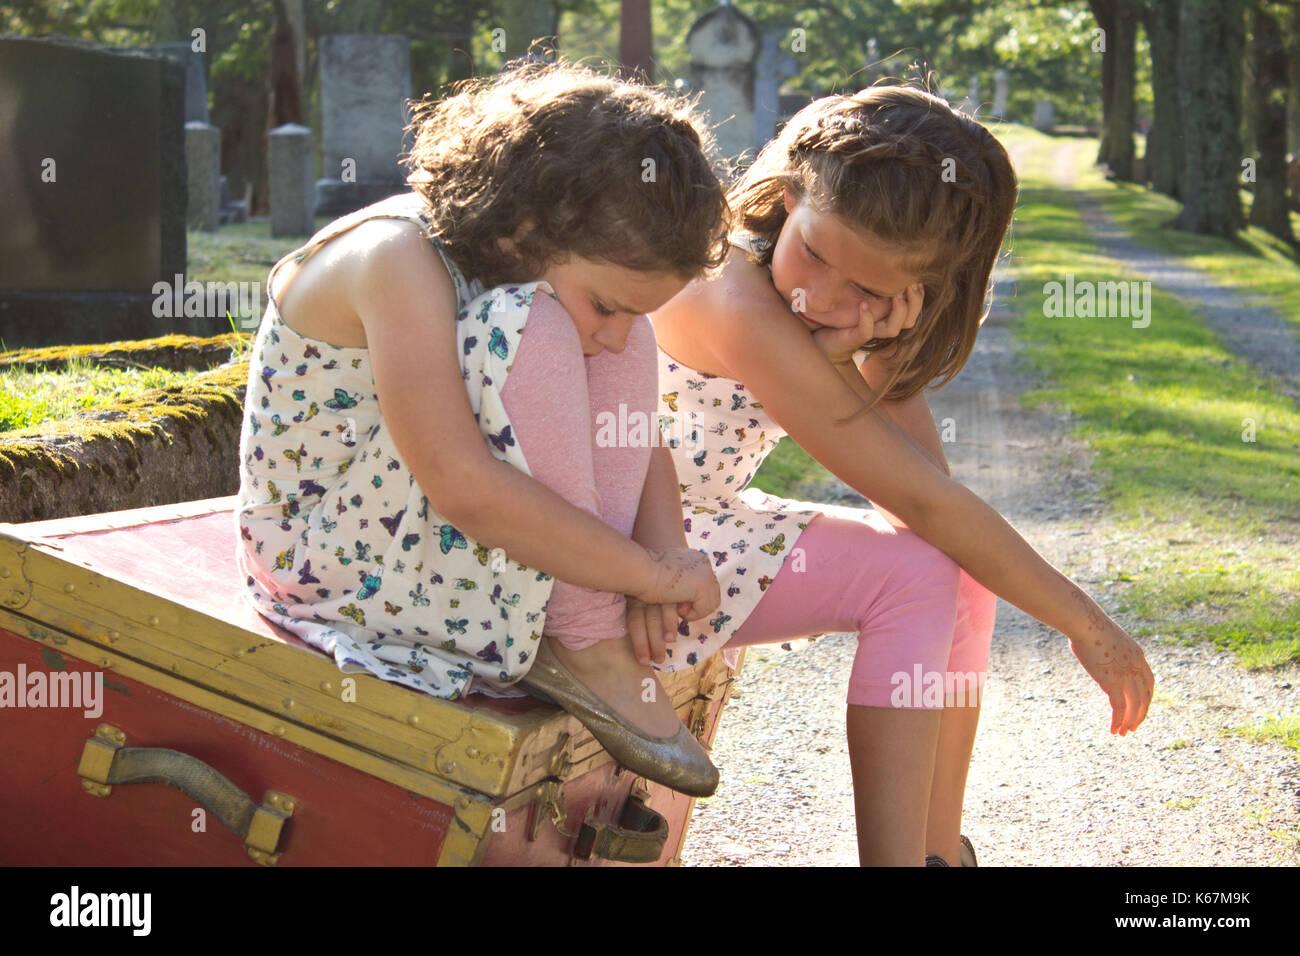 Dos niñas de pelo marrón triste sentarse en un cuadro rojo en el cementerio con expresiones tristes Imagen De Stock